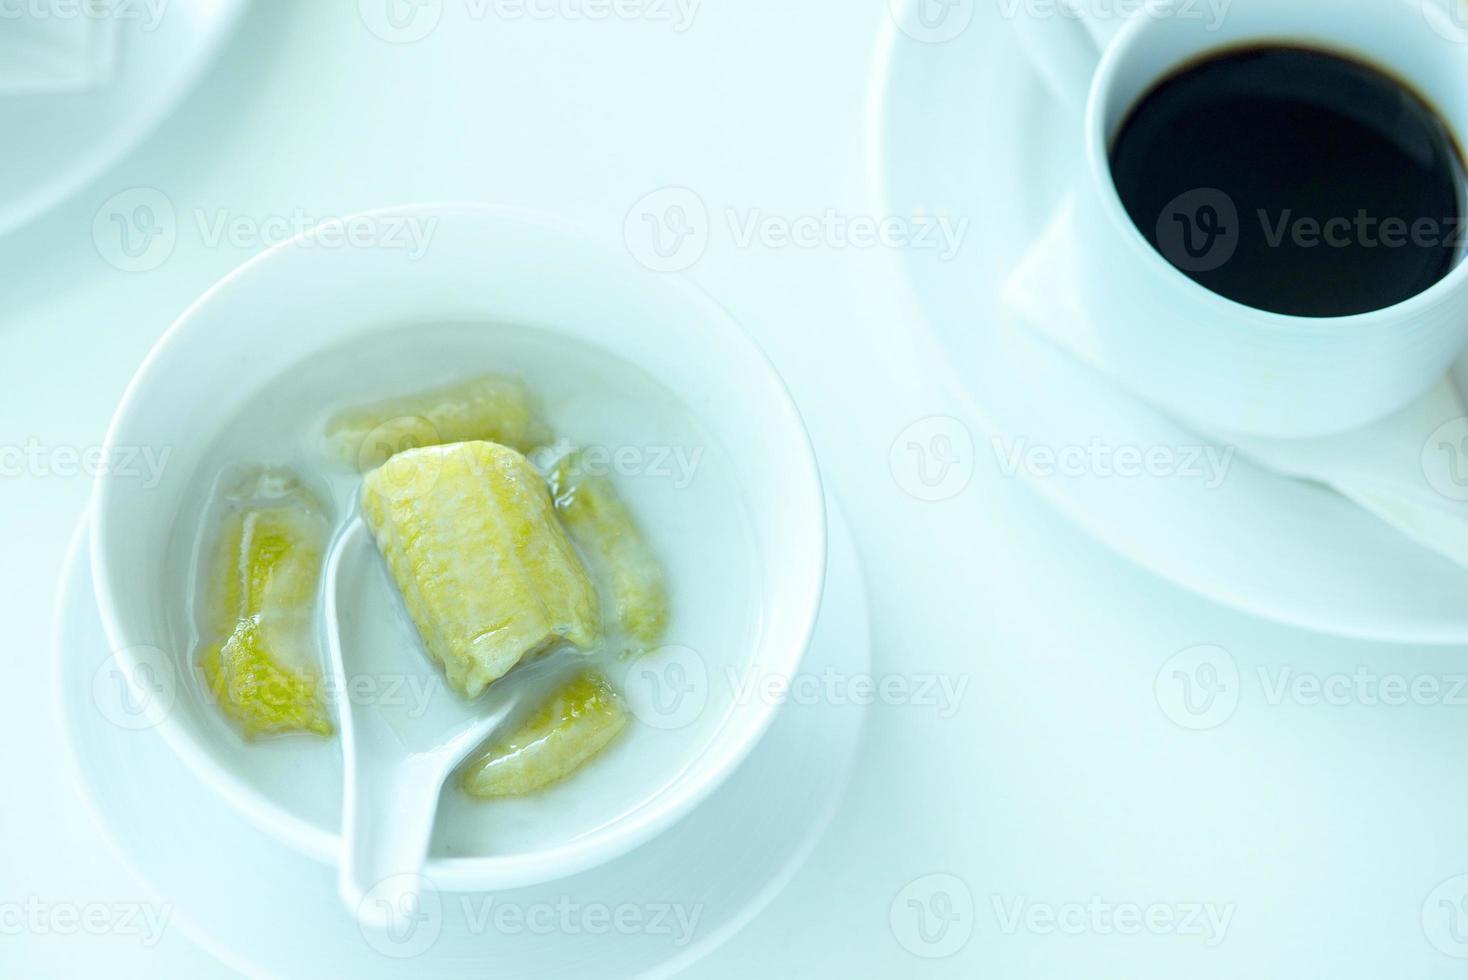 banan i kokosmjölk, söt gul banan toppad foto